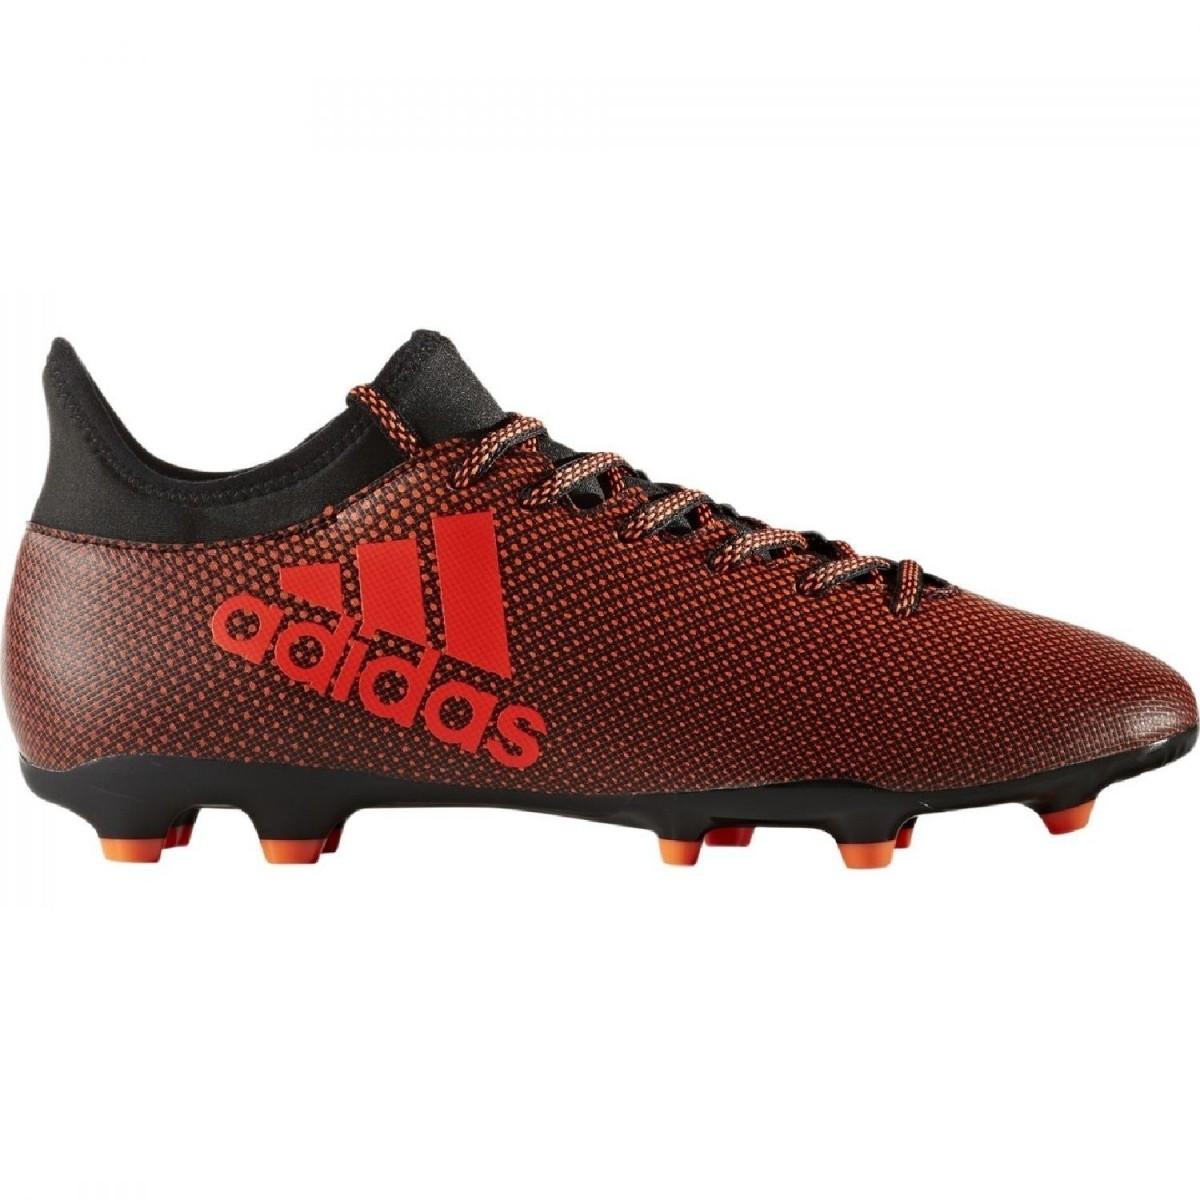 adidas X 17.3 FG Herren Fußballschuhe Nocken schwarz rot